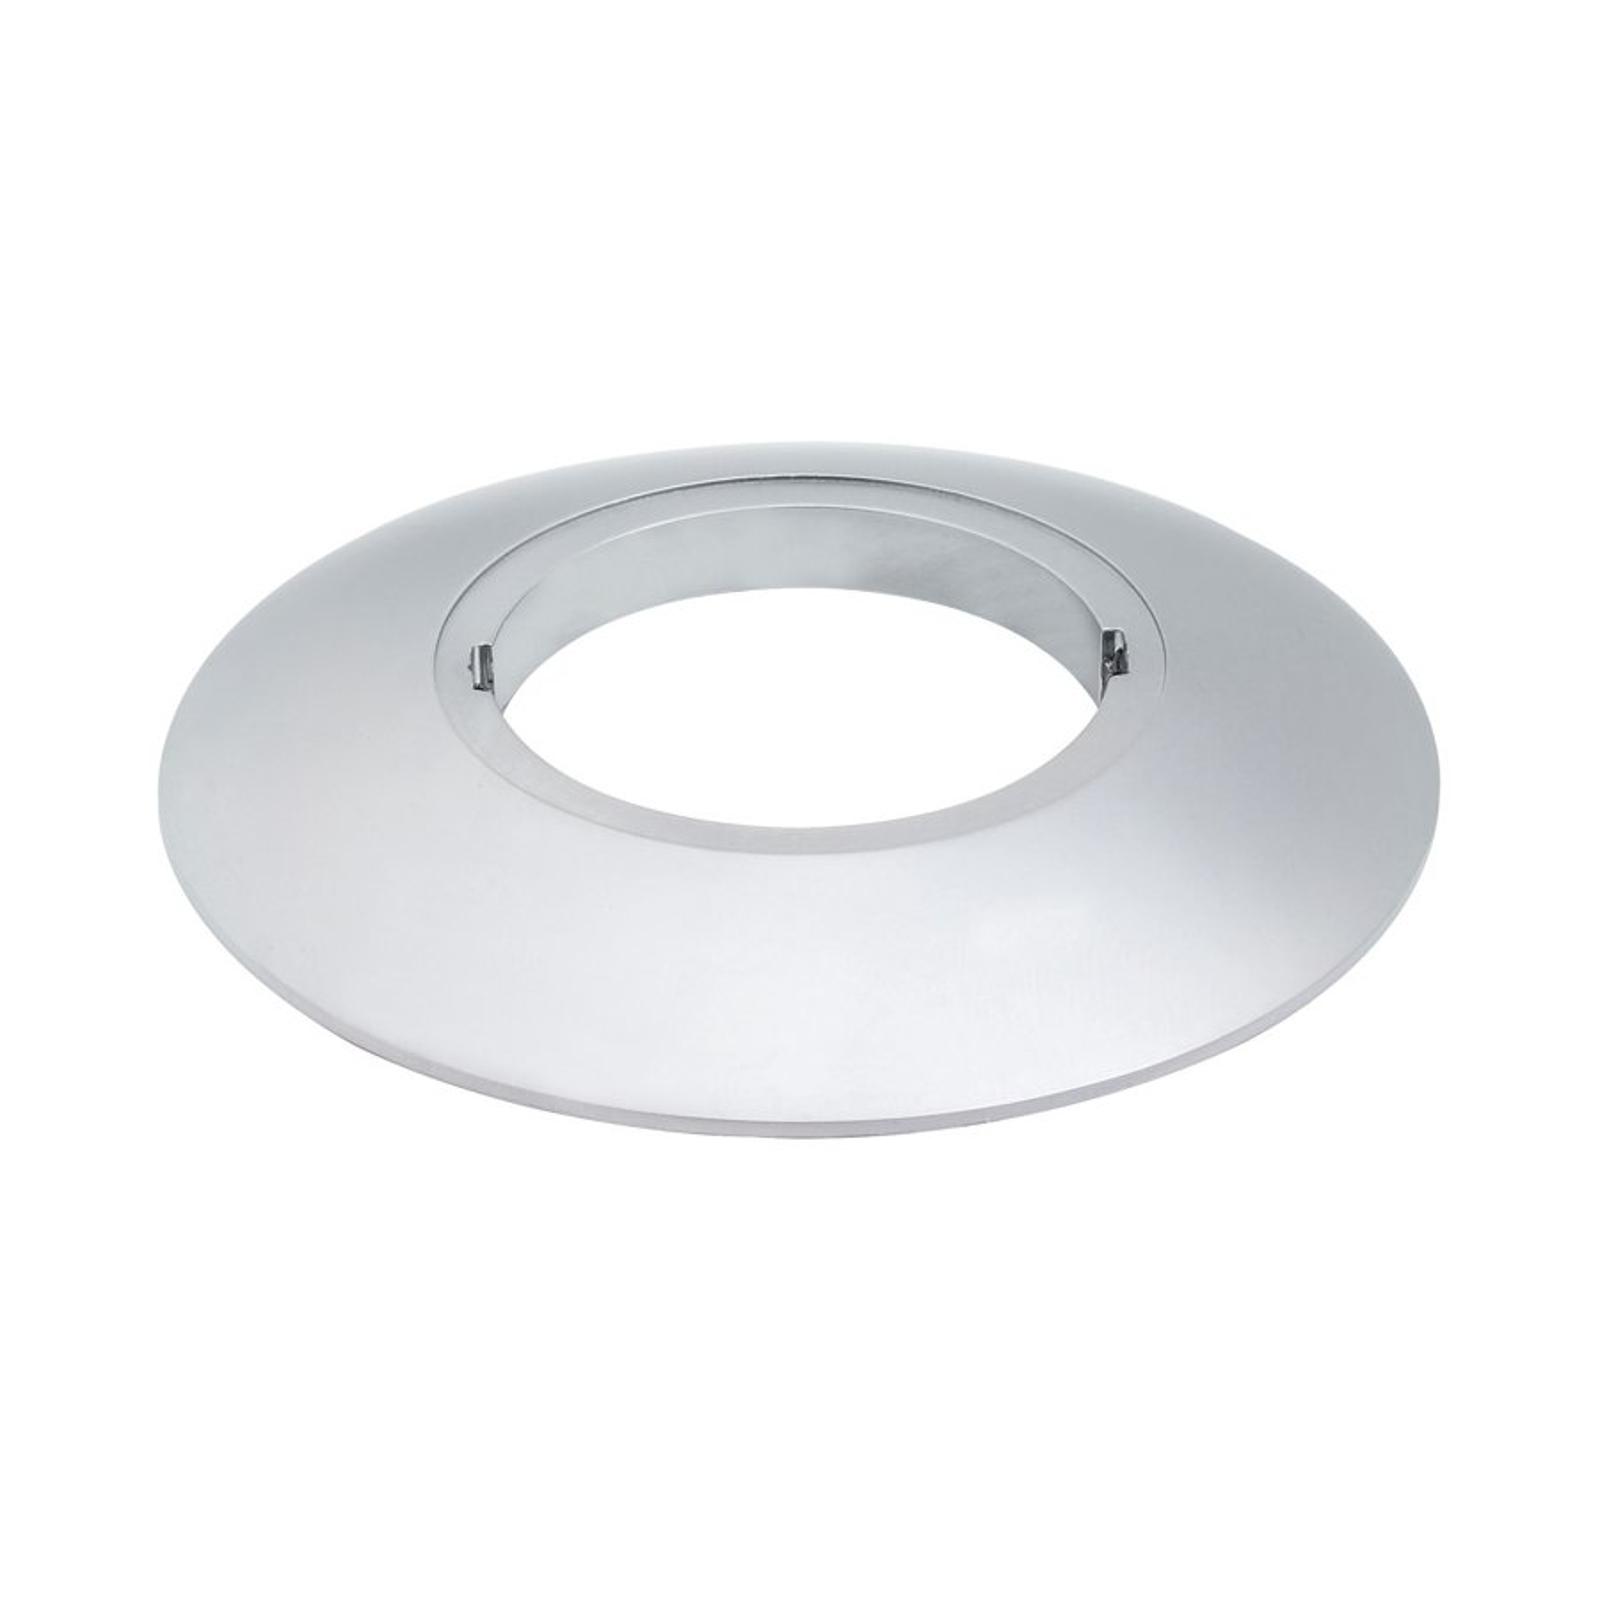 Anello rotondo per spot SpLine, 8 cm Illuminazione per interni